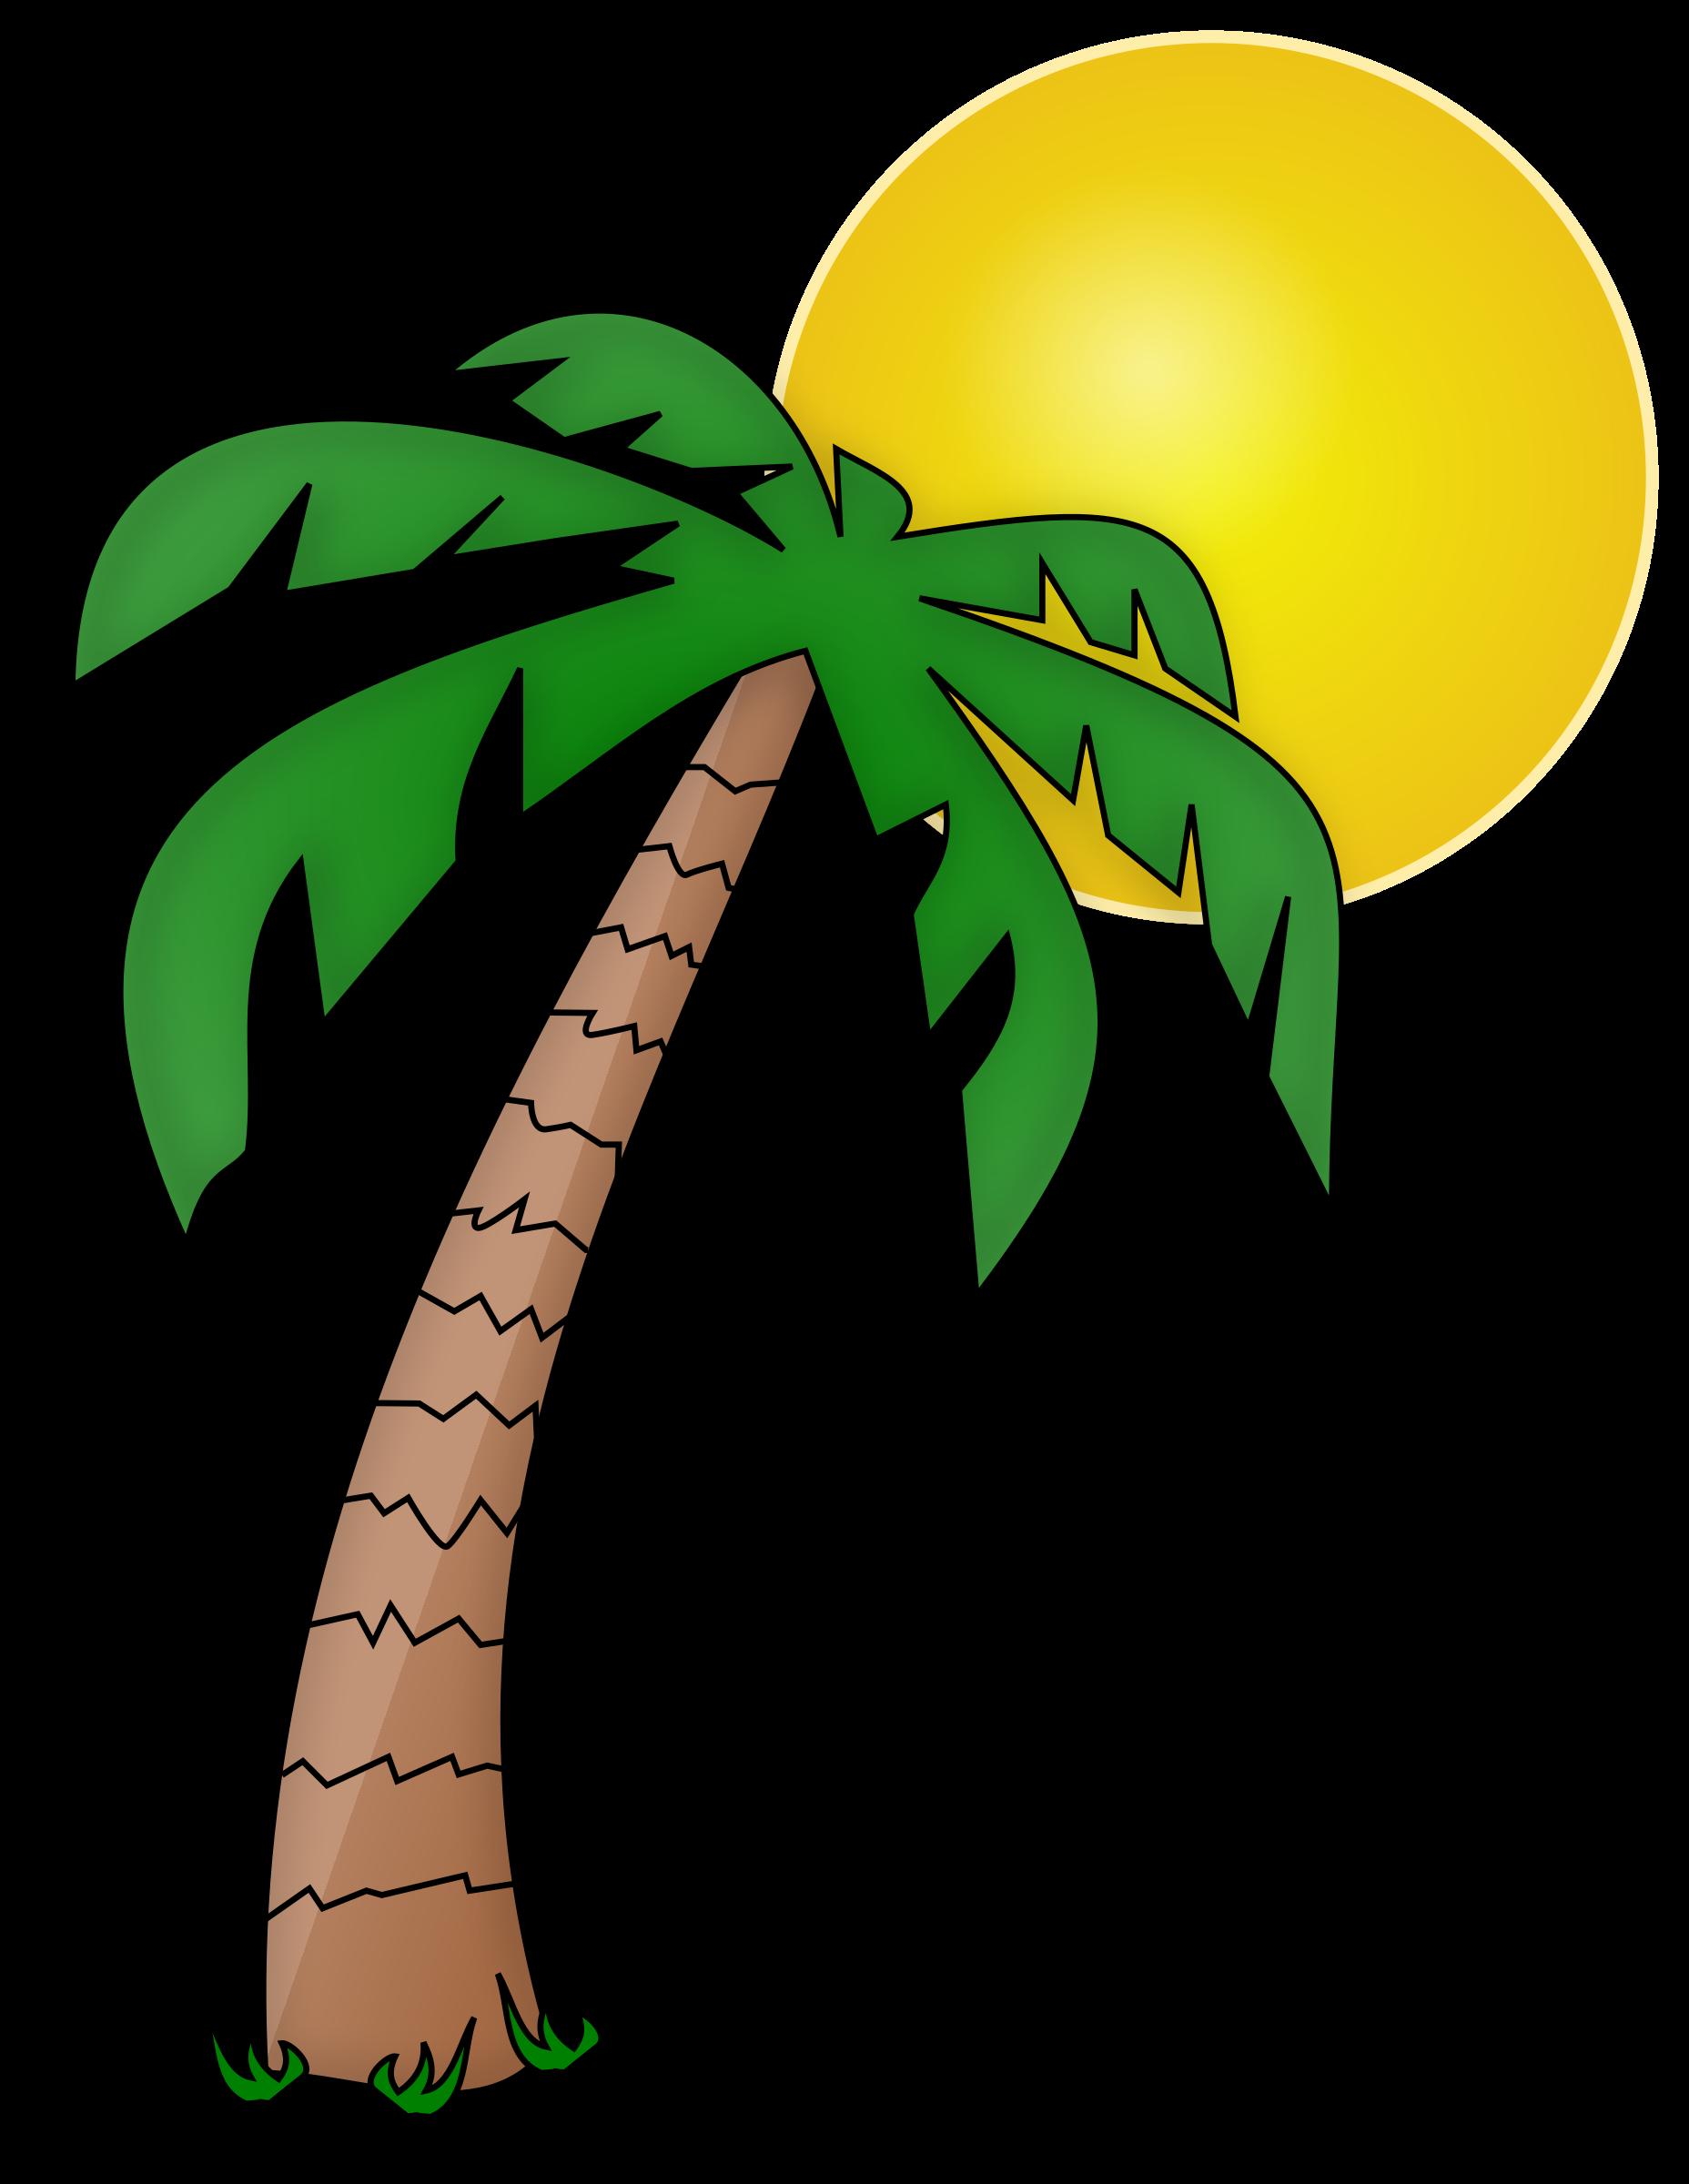 clipart palmier et soleil